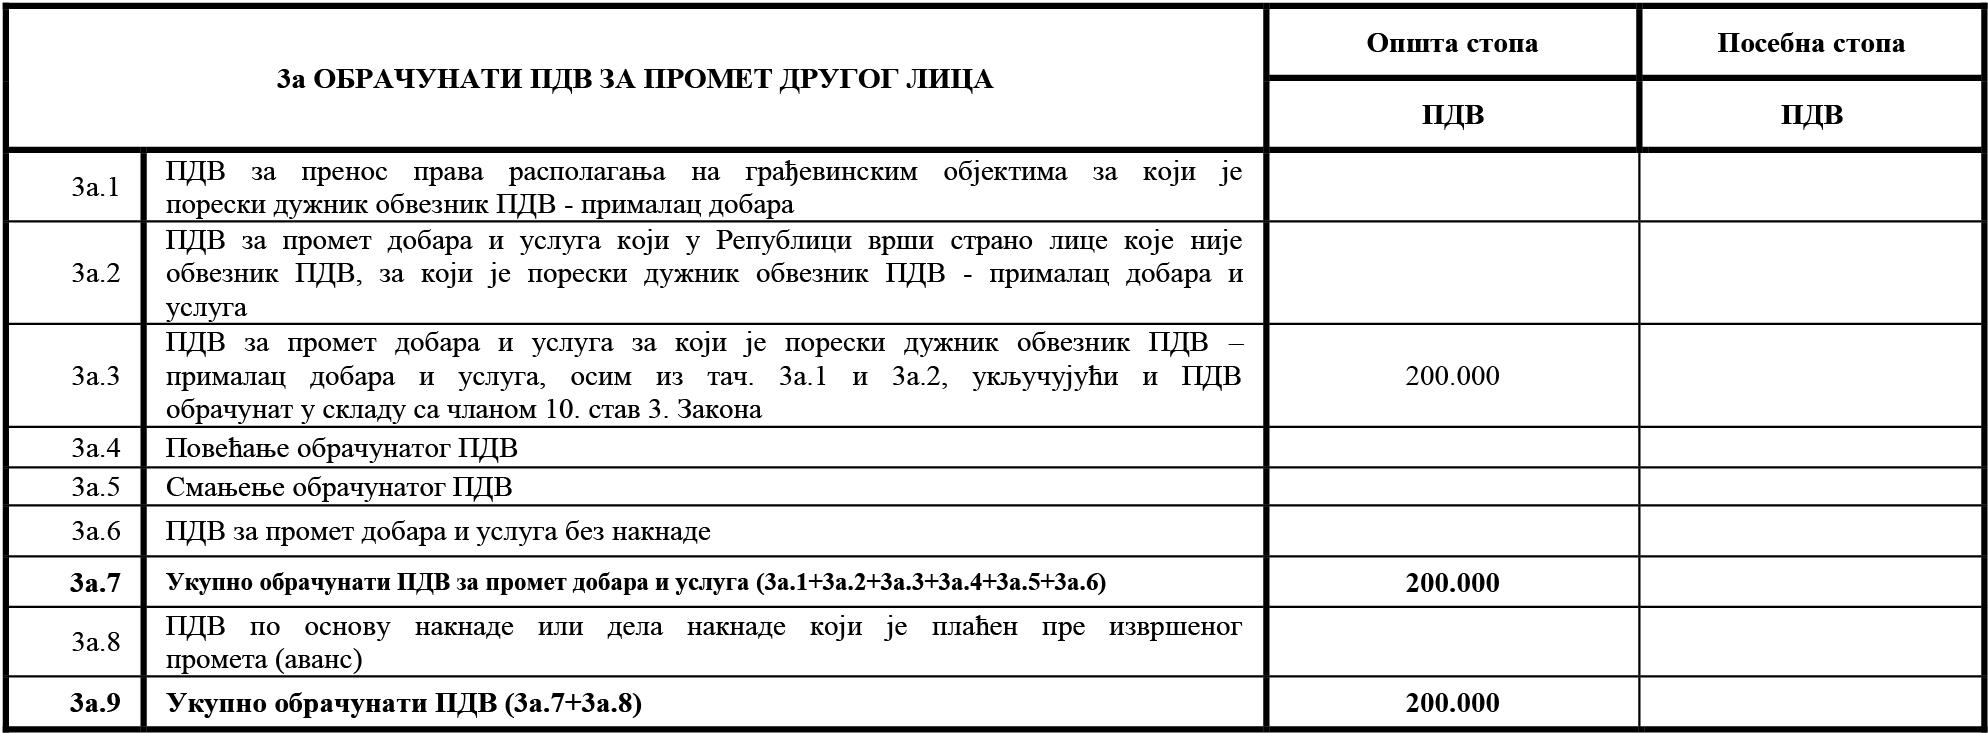 uputstvo PU obrazac POPDV primer 72